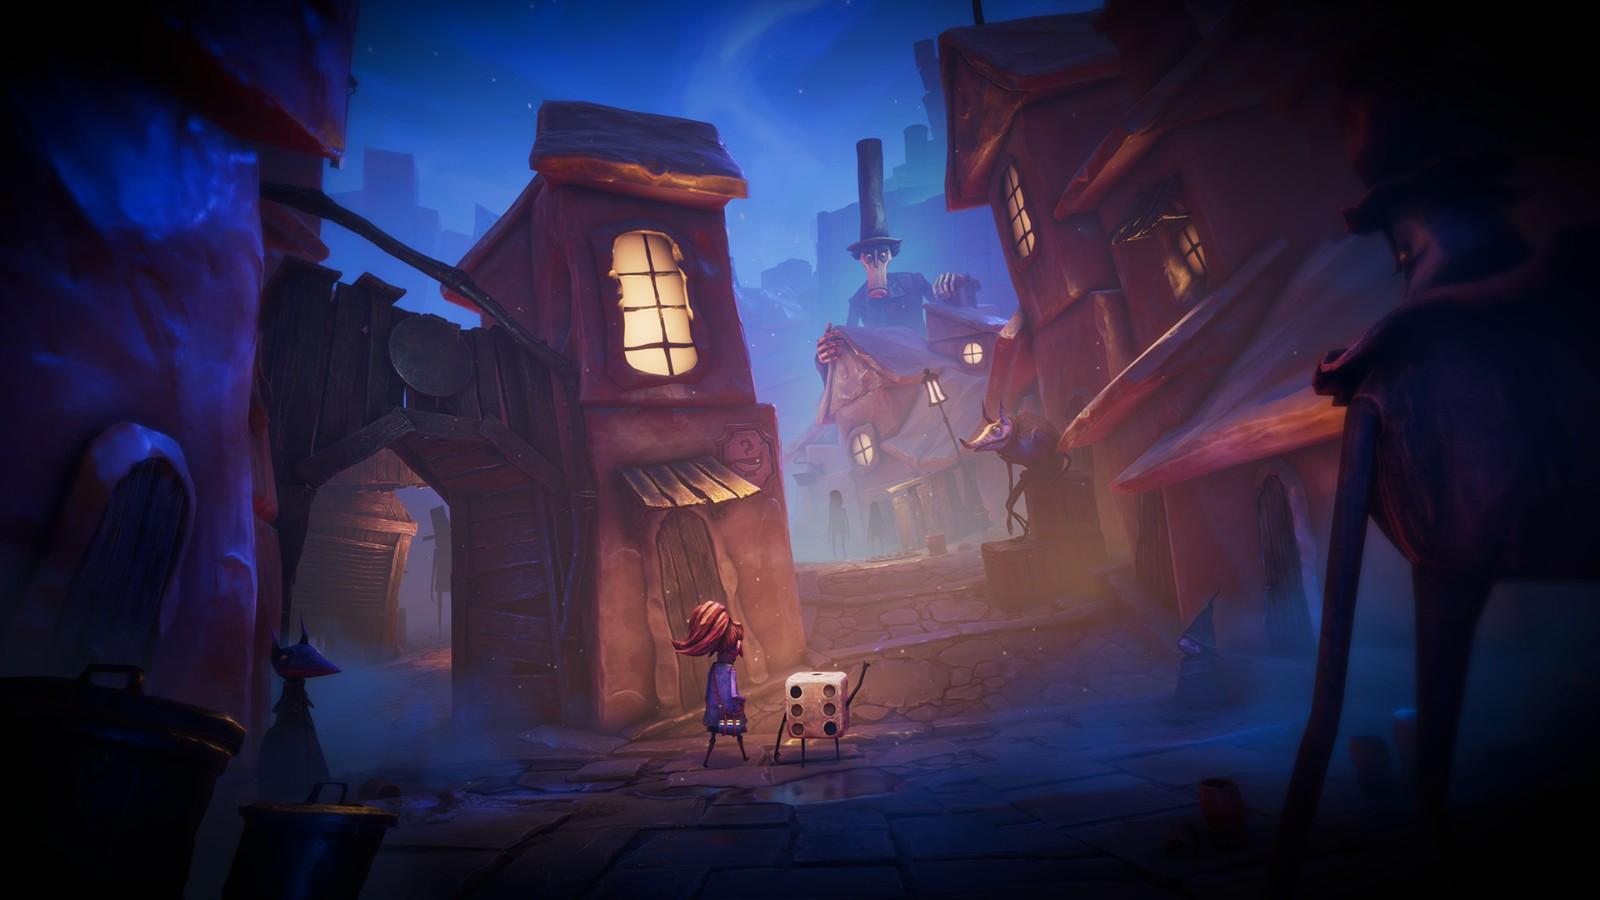 《任意迷途》故事预告片发布 哥特童话风动作冒险